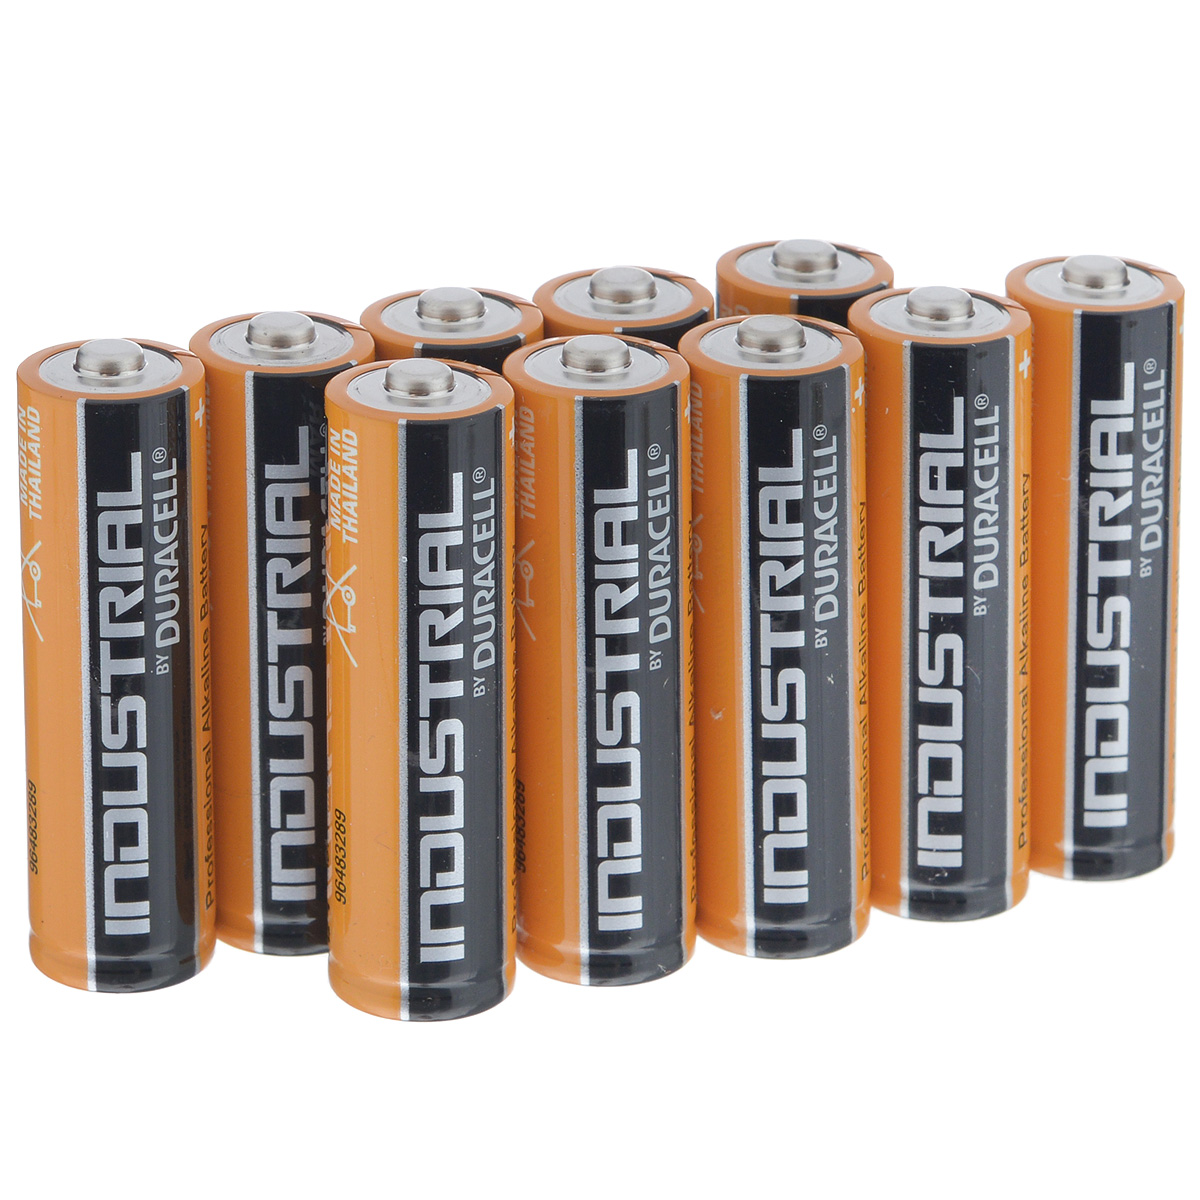 Батарейка алкалиновая Duracell Industrial LR6, тип АА, 1,5V, 10 штPLB-LR60Батарейка алкалиновая Duracell Industrial LR6 предназначена для использования в приборах с высоким потреблением электроэнергии: фотоаппараты, плееры, фонари.